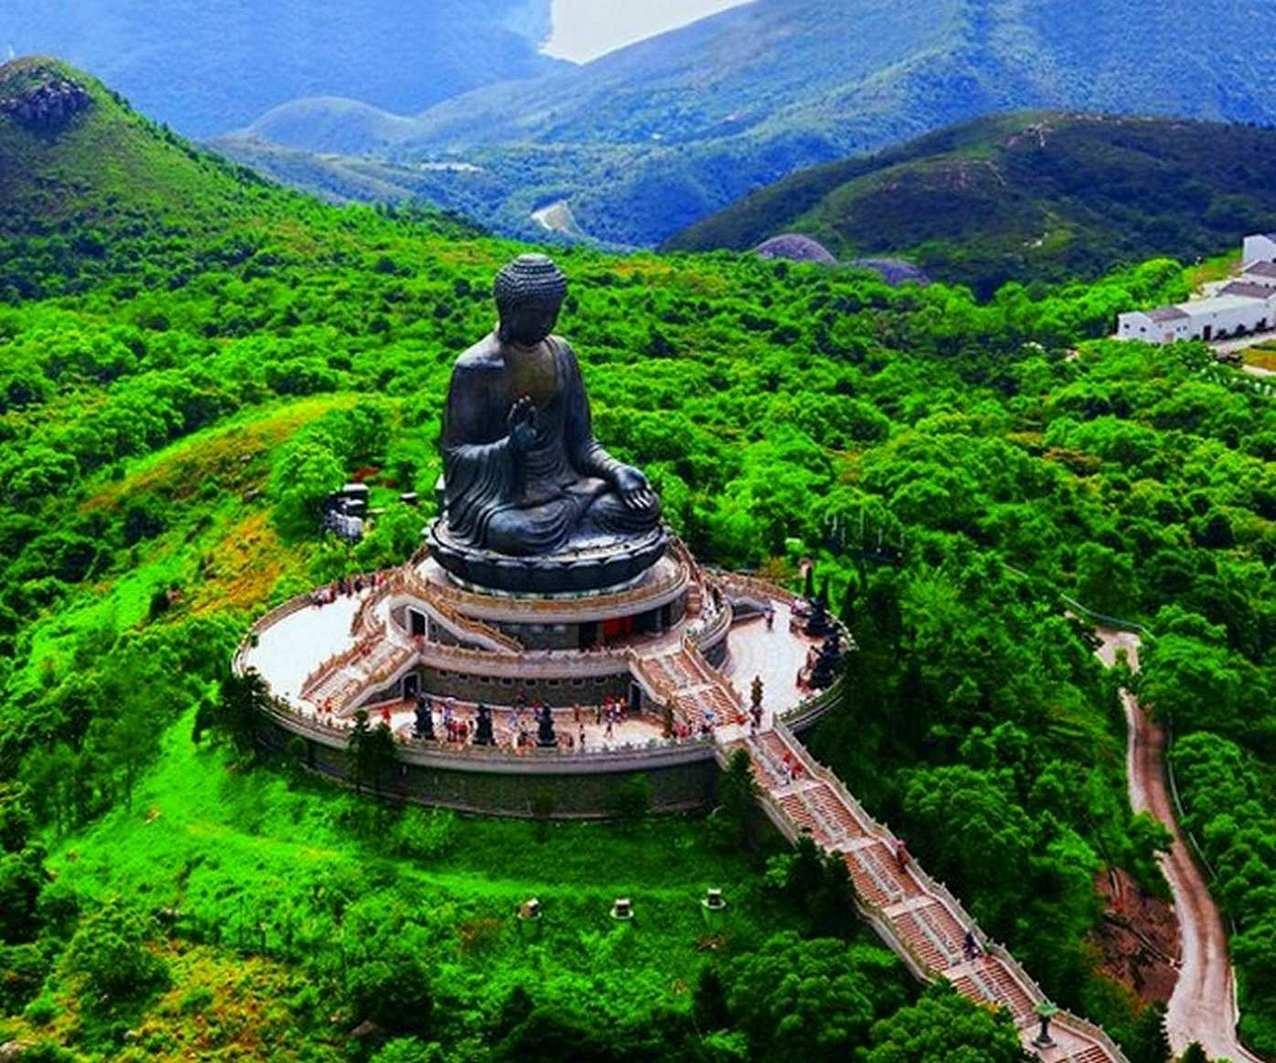 hong-kong-tian-tan-buddha-the-big-bud-secret-world